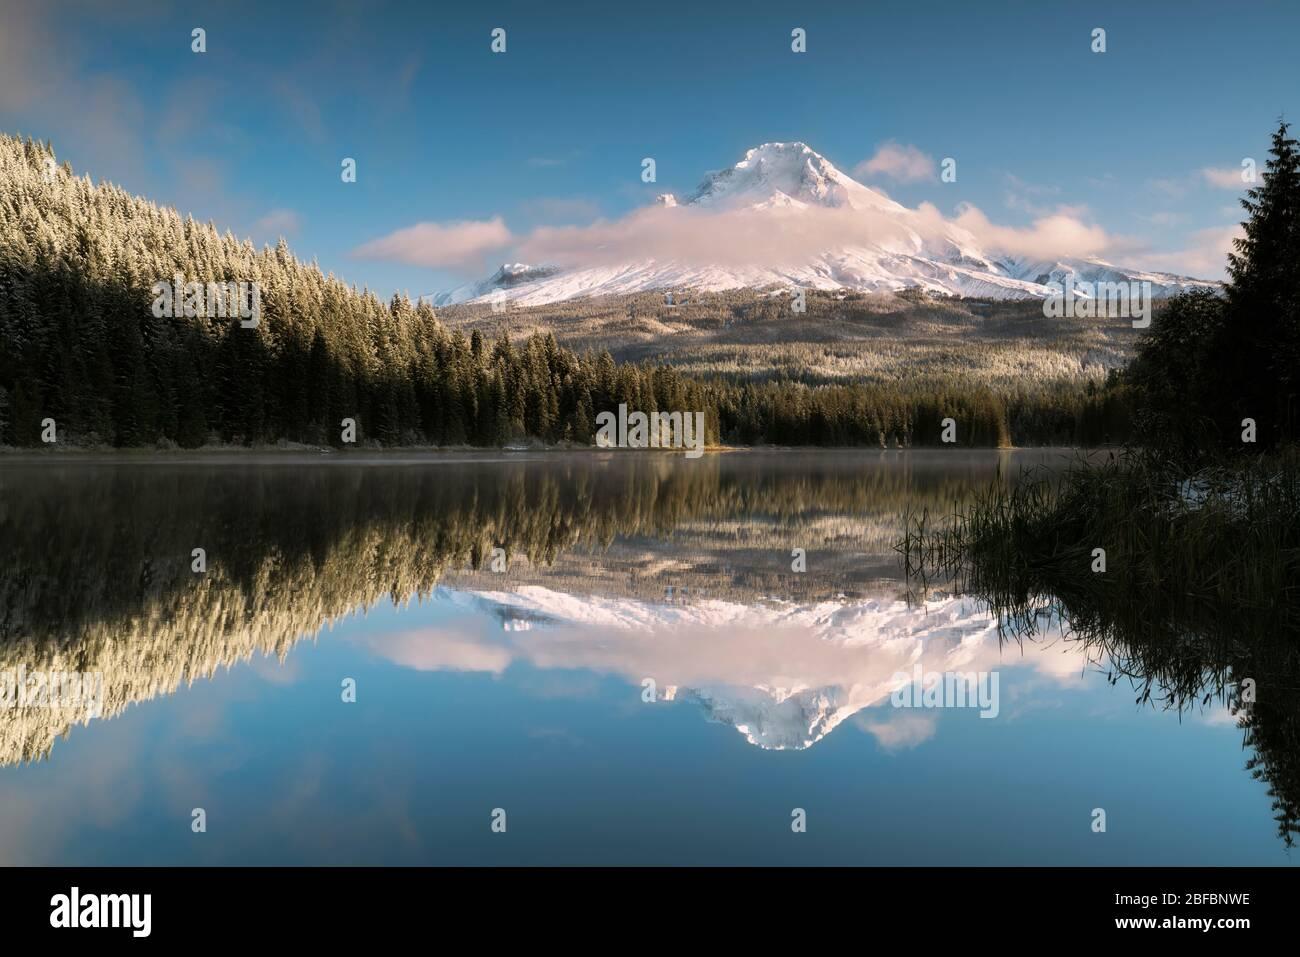 Las nubes de la mañana temprano se forman en parte para revelar la fresca Nevada otoñal en el pico más alto de Oregón, el Monte Hood que se refleja en el Lago Trillium. Foto de stock